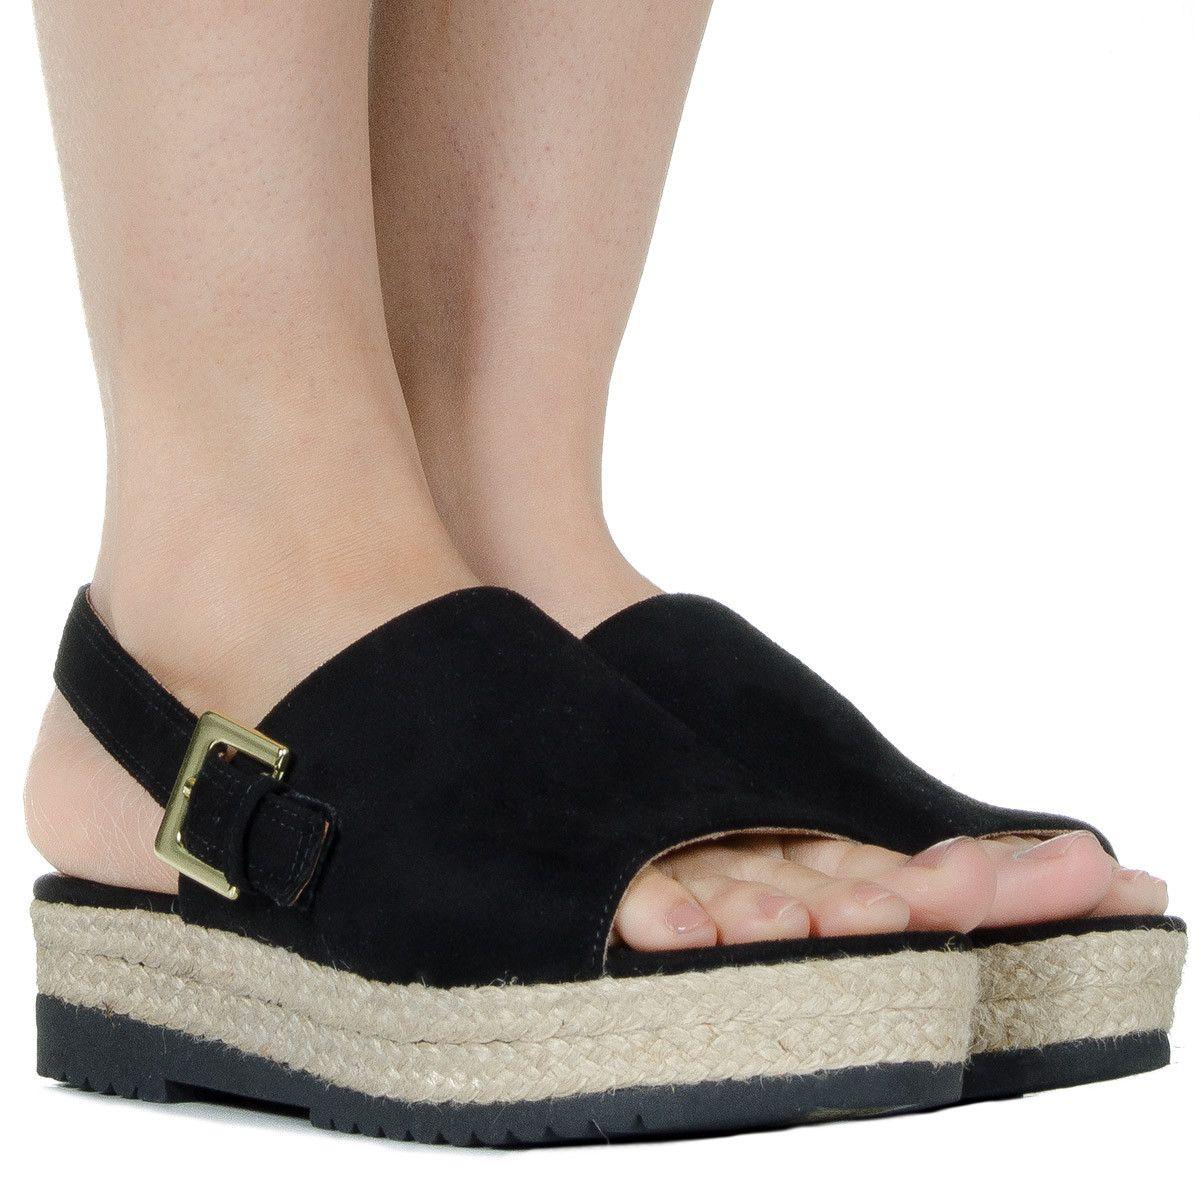 941458c0ef Espadrille flatform preta de camurça Taquilla - Taquilla  Calçados  femininos online